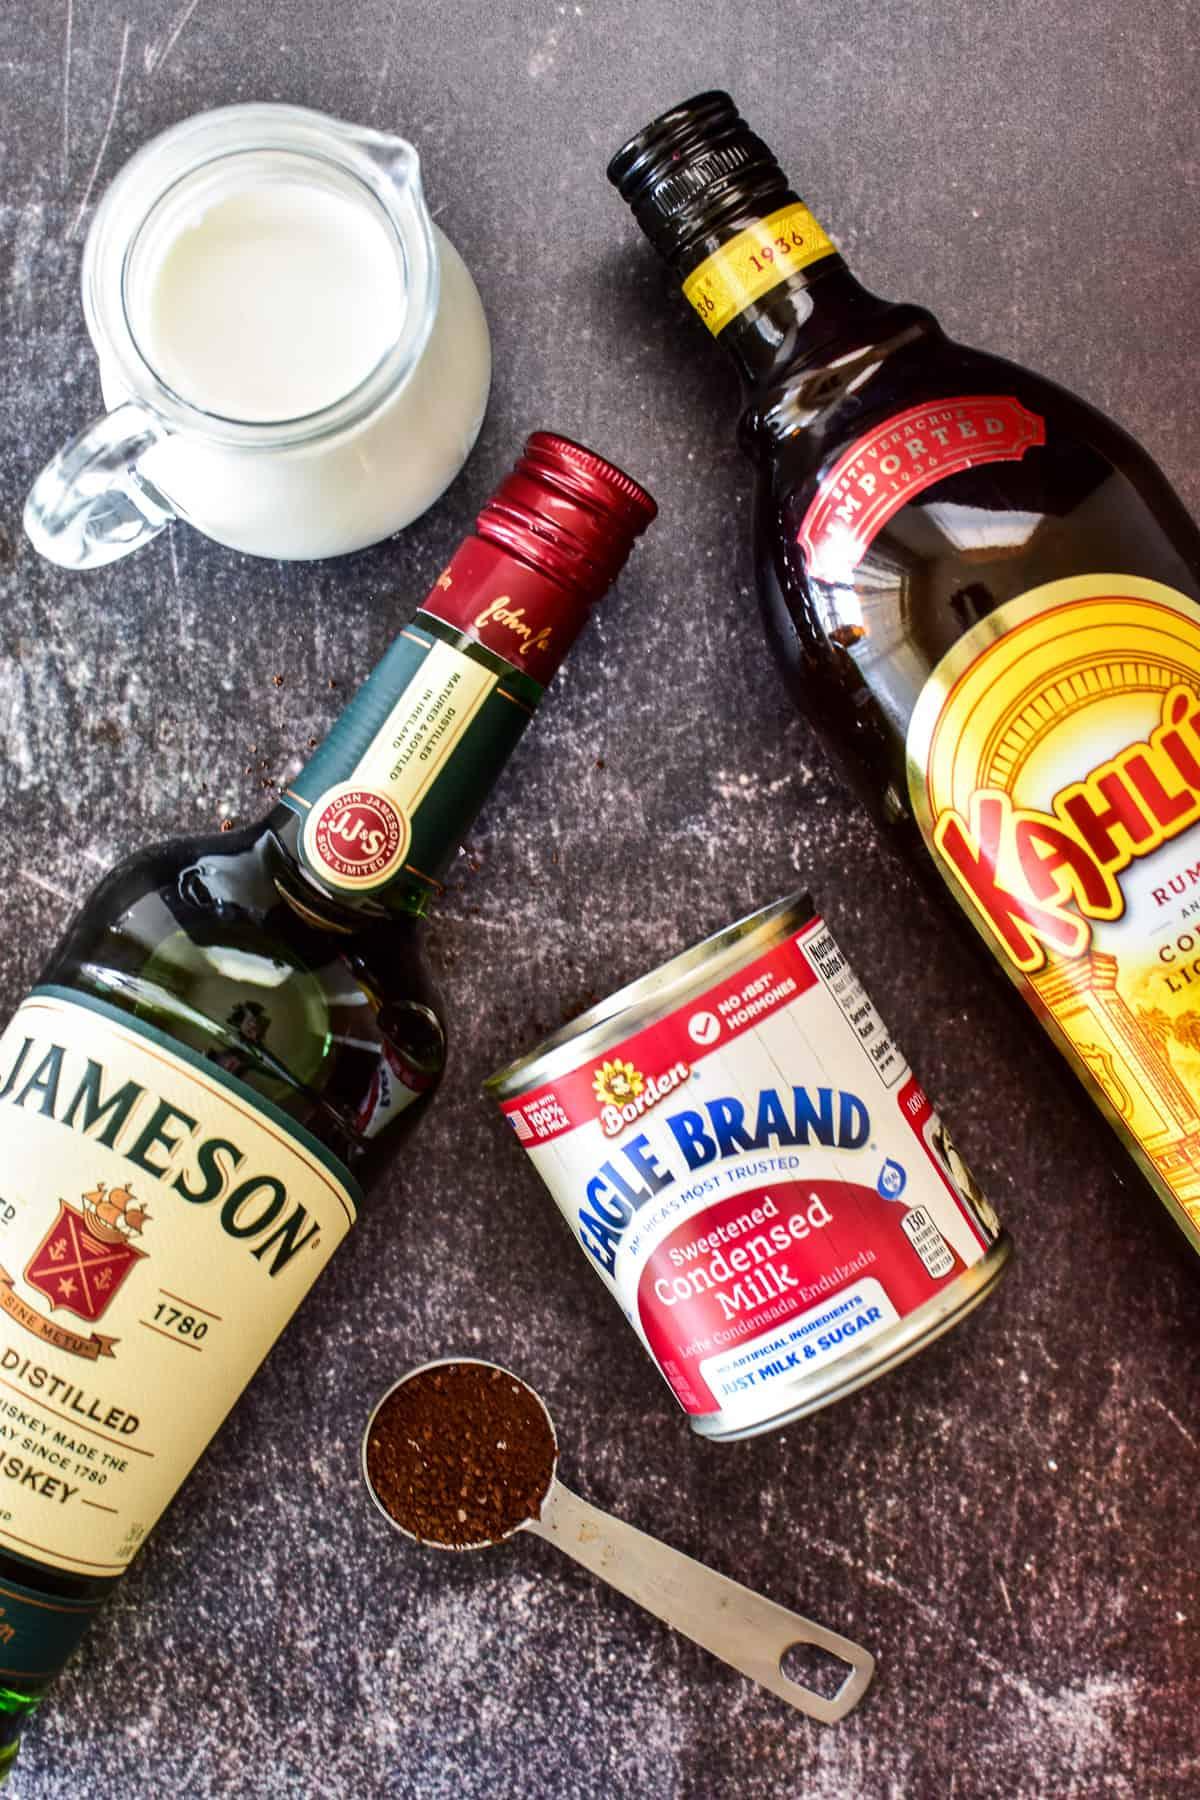 Irish Cream recipe ingredients